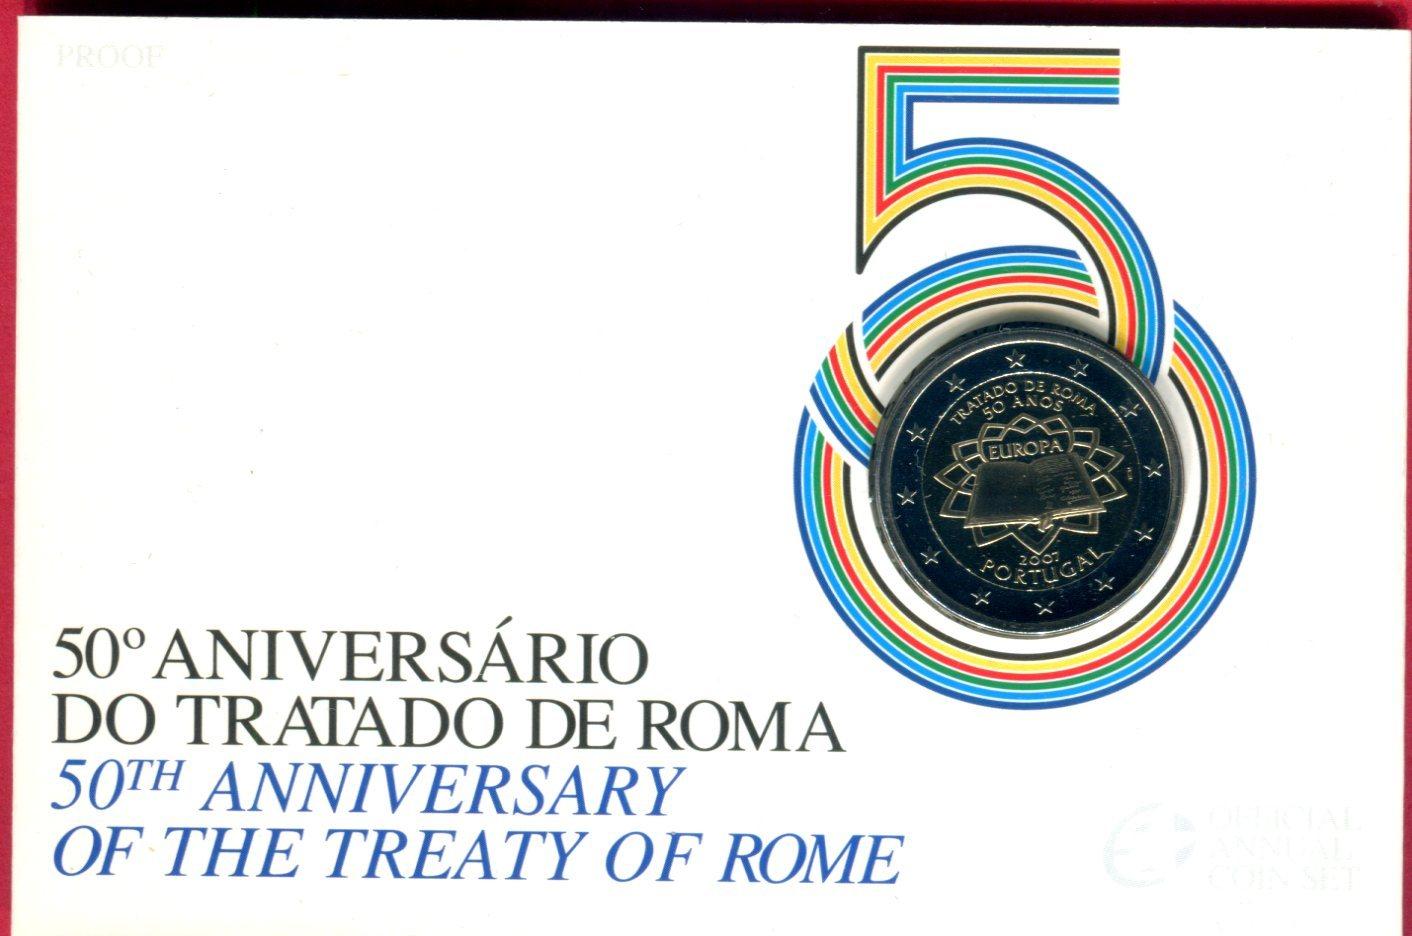 50 jahre staatsvertrag 2 euro coin